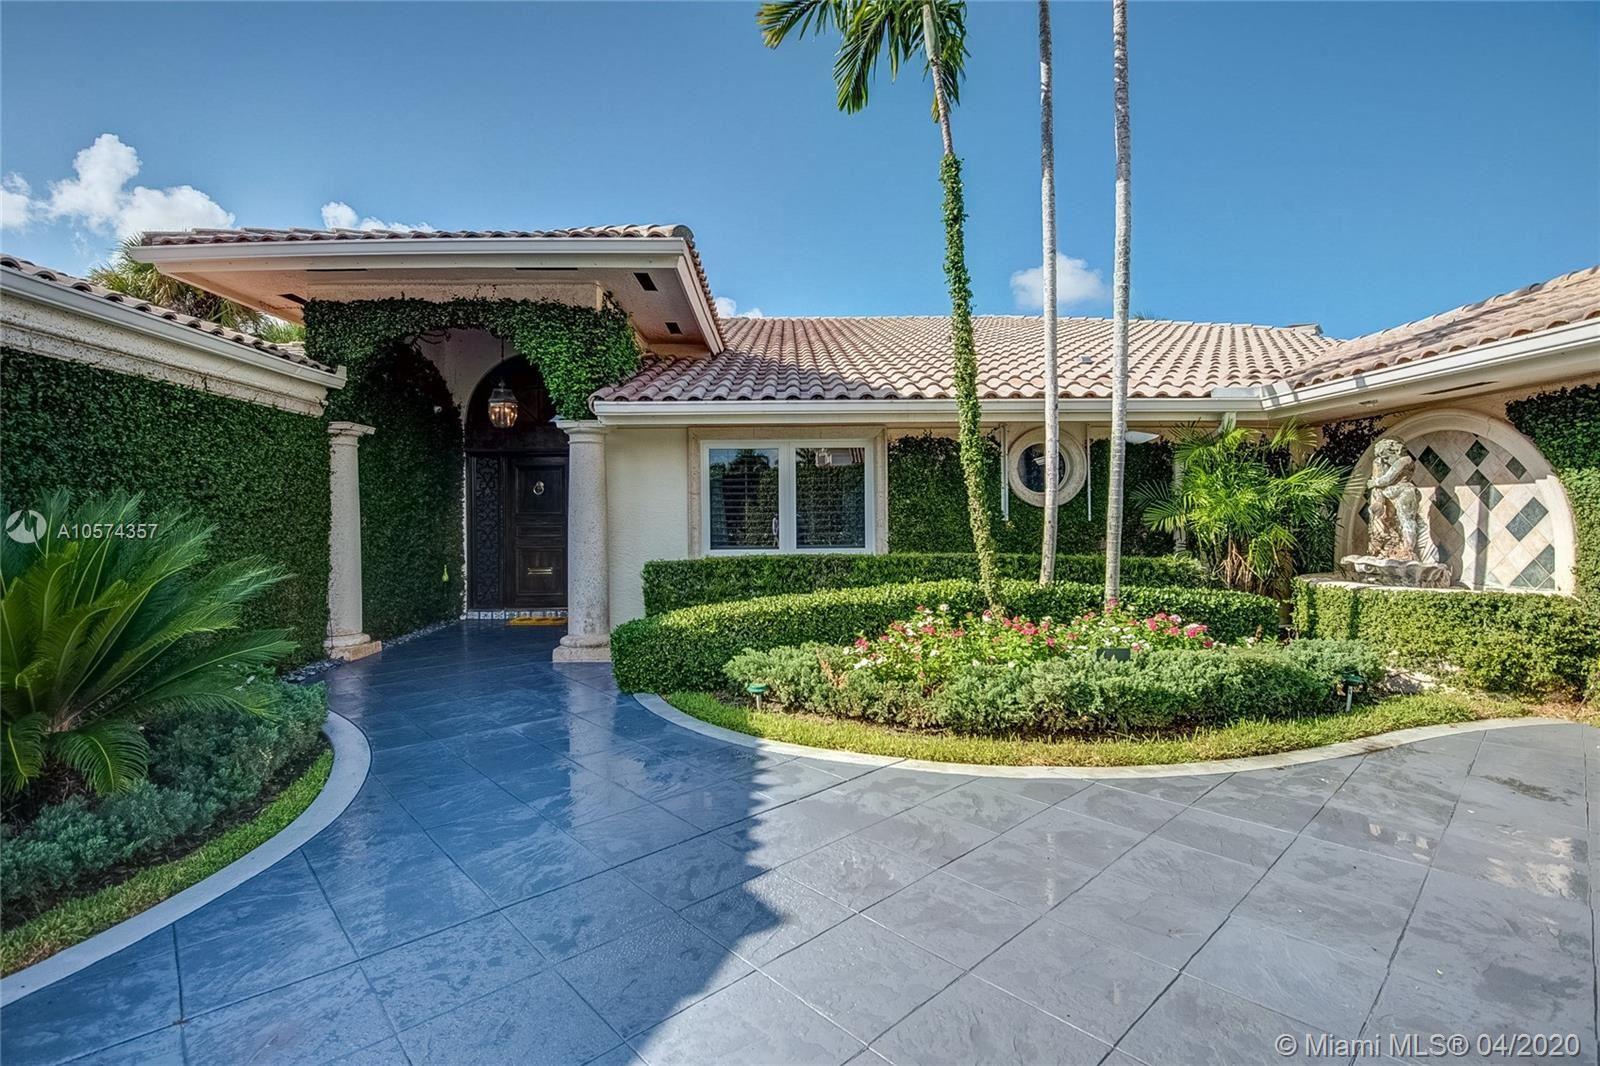 117 Thatch Palm Cv, Boca Raton, FL 33432 - #: A10574357